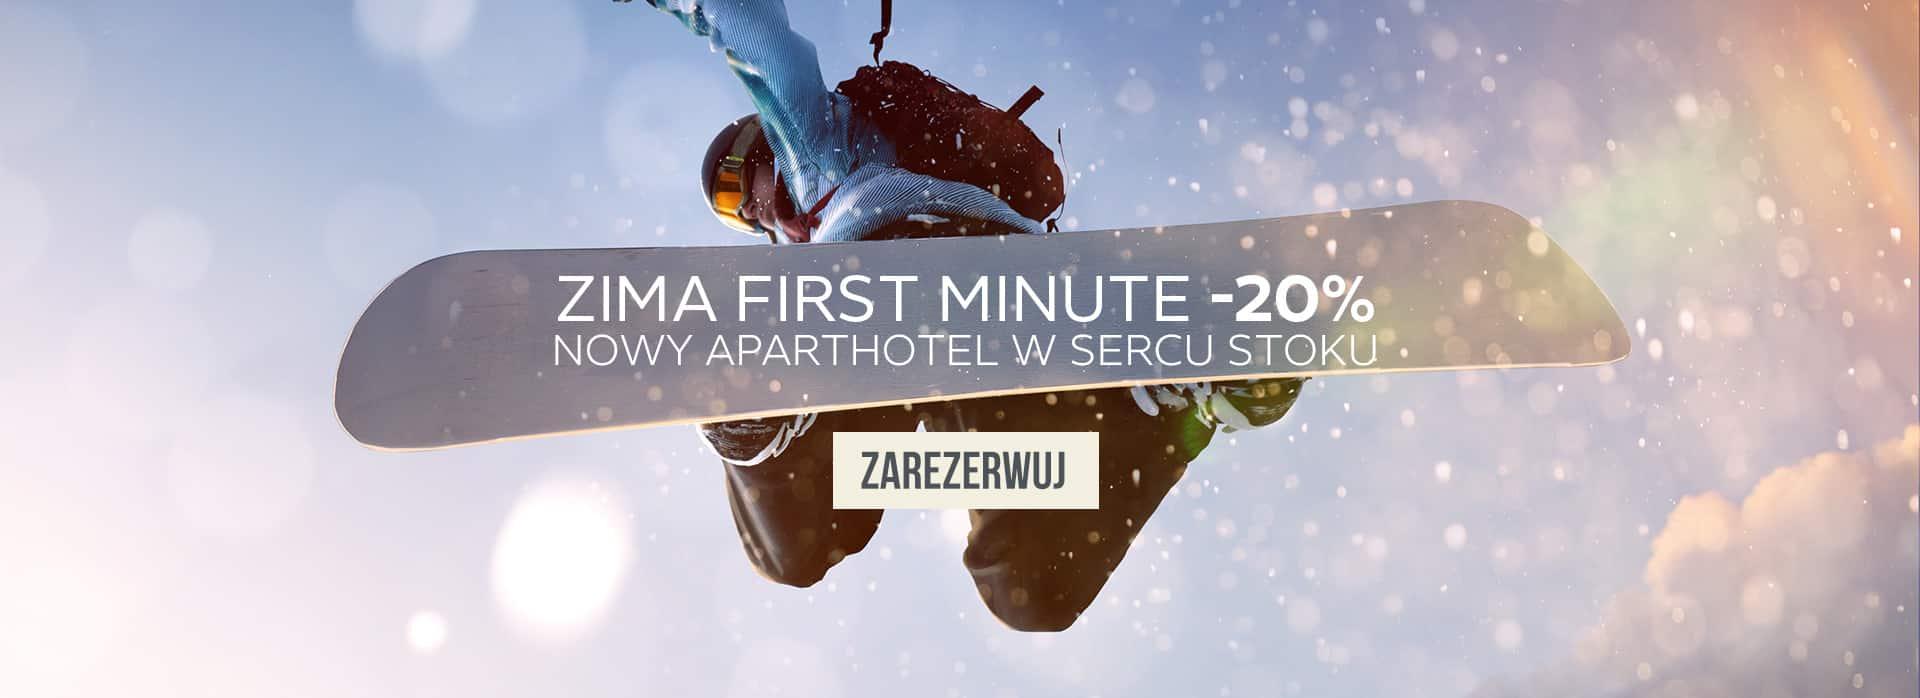 Nowy Aparthotel na stoku - zima First Minut -20%